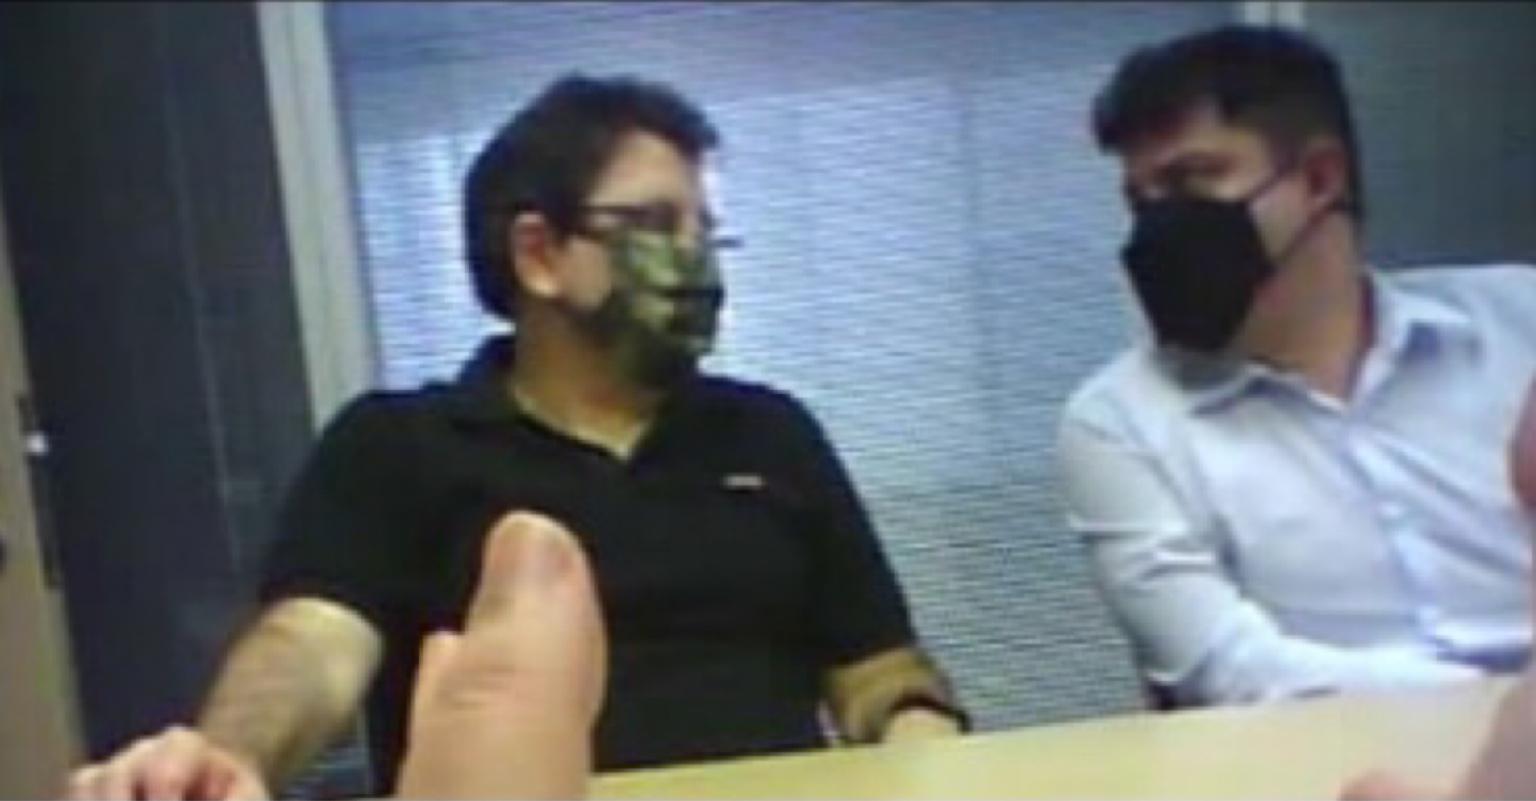 Procuradoria põe sob suspeita mais 35 processos ligados a denunciados por venda de decisões na Justiça Federal de SP